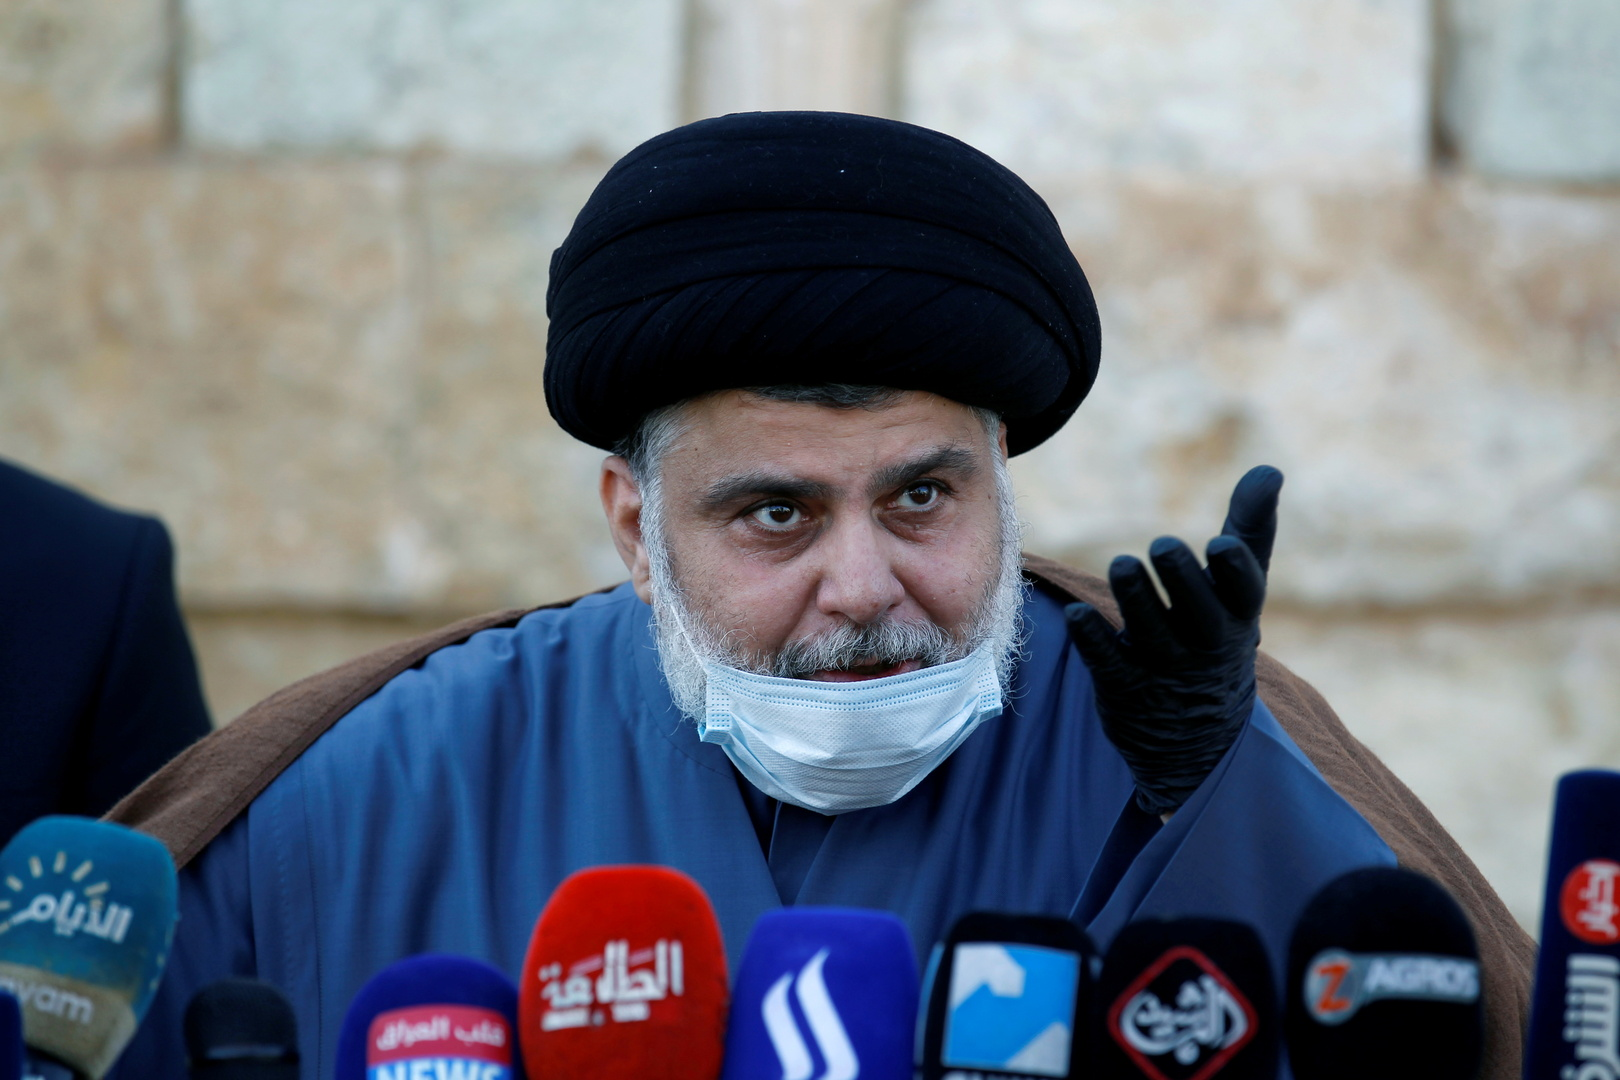 زعيم التيار الصدري في العراق، مقتدى الصدر